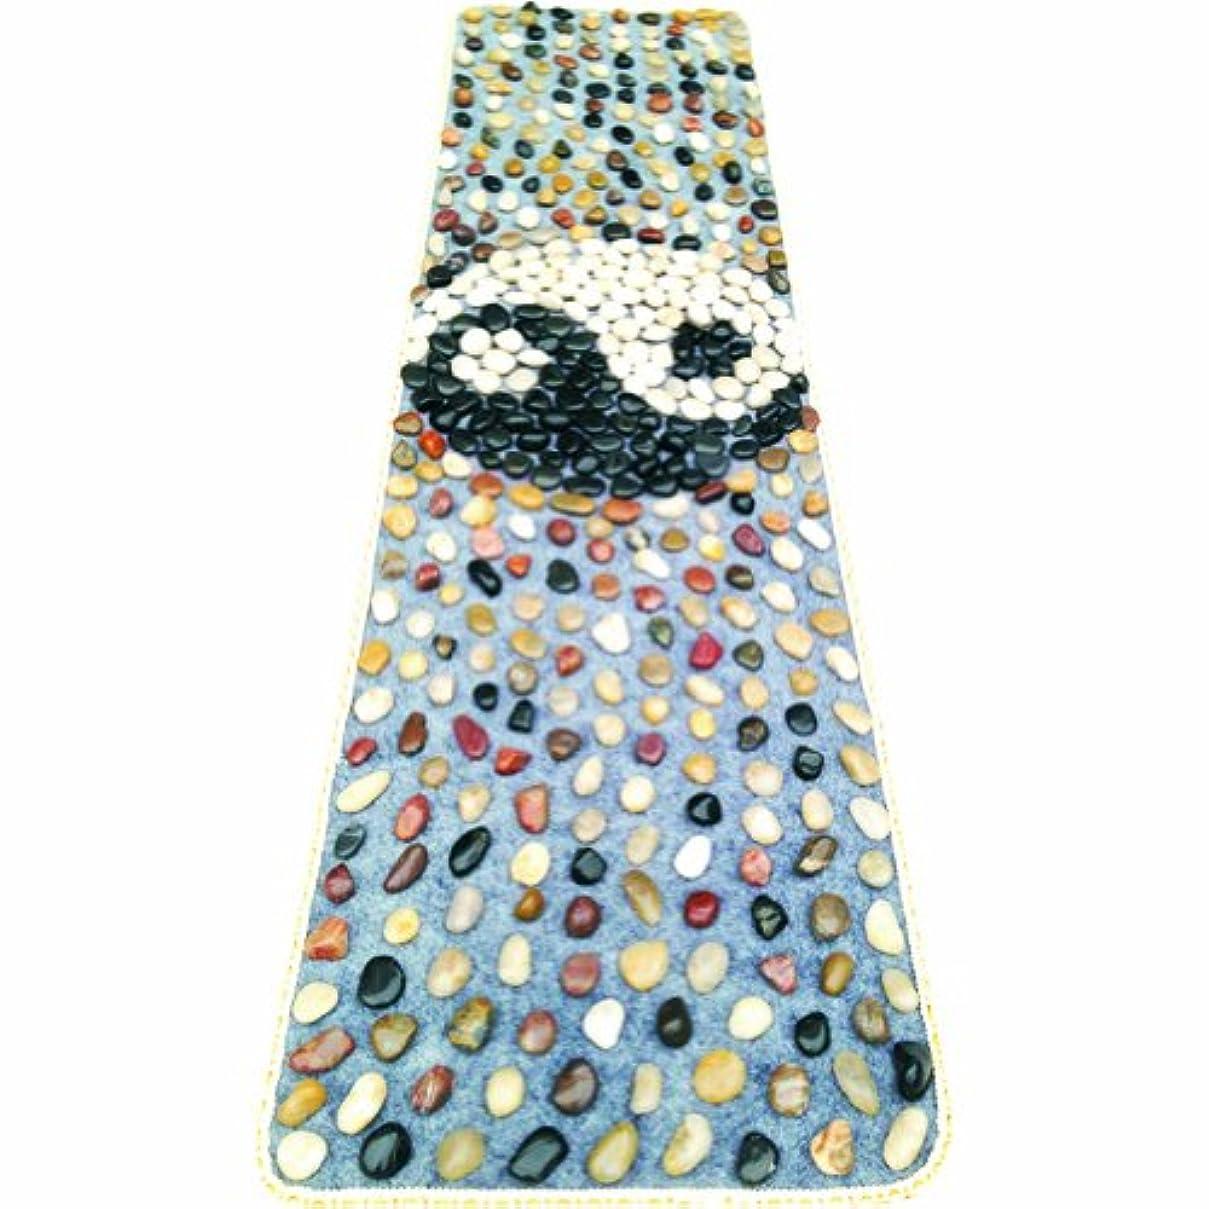 フットマッサージマットルームの装飾健康的な歩道父の日母の日誕生日プレゼント(WZ-15)